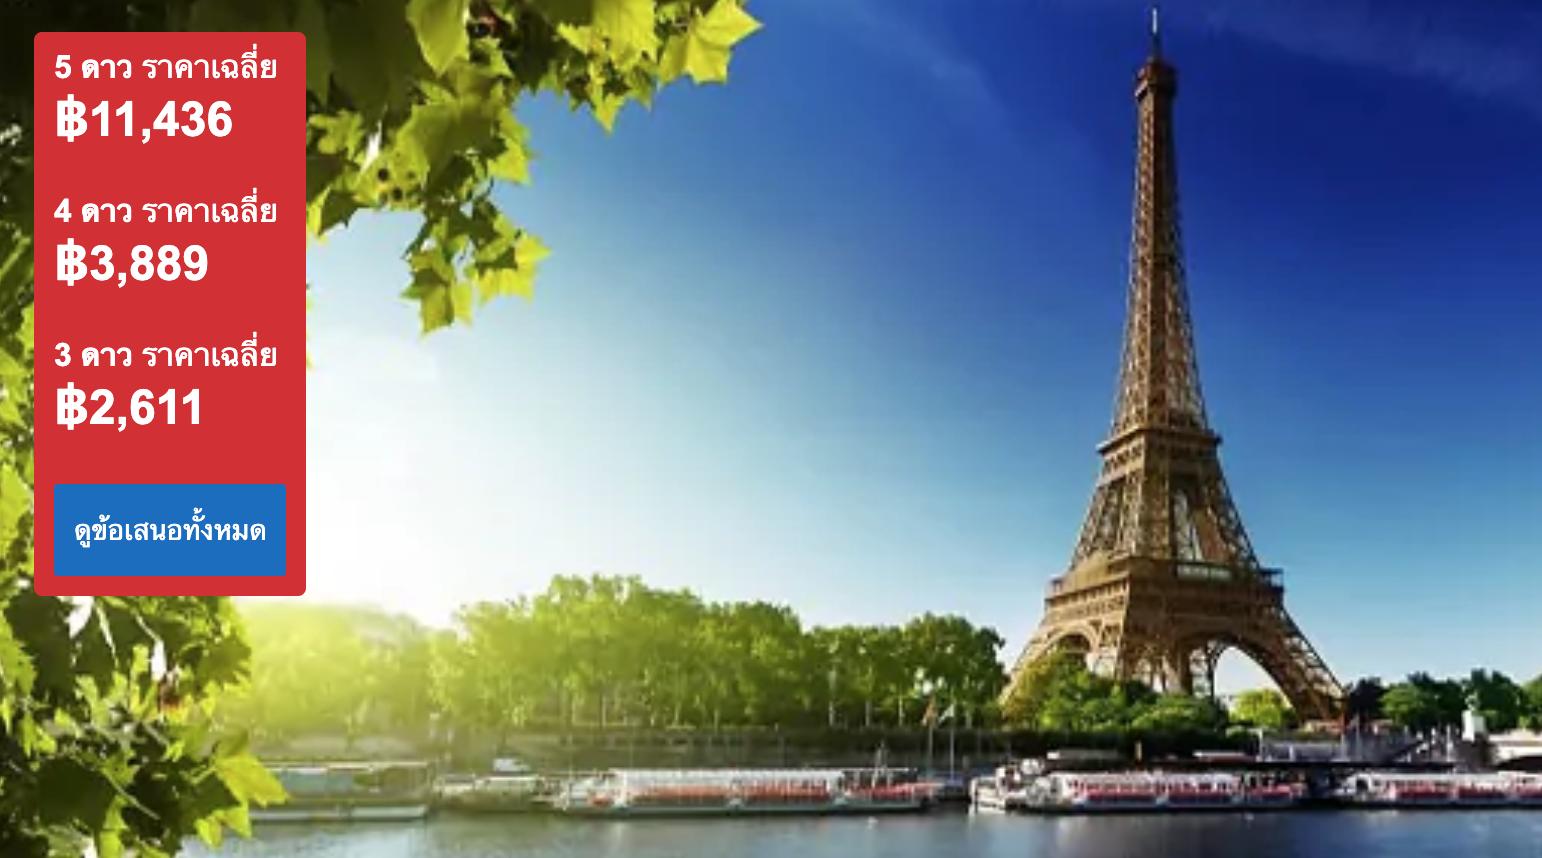 ส่วนลดสำหรับ 15 โรงแรมที่ดีที่สุดในปารีสจาก hotels.com เริ่มต้น 10%